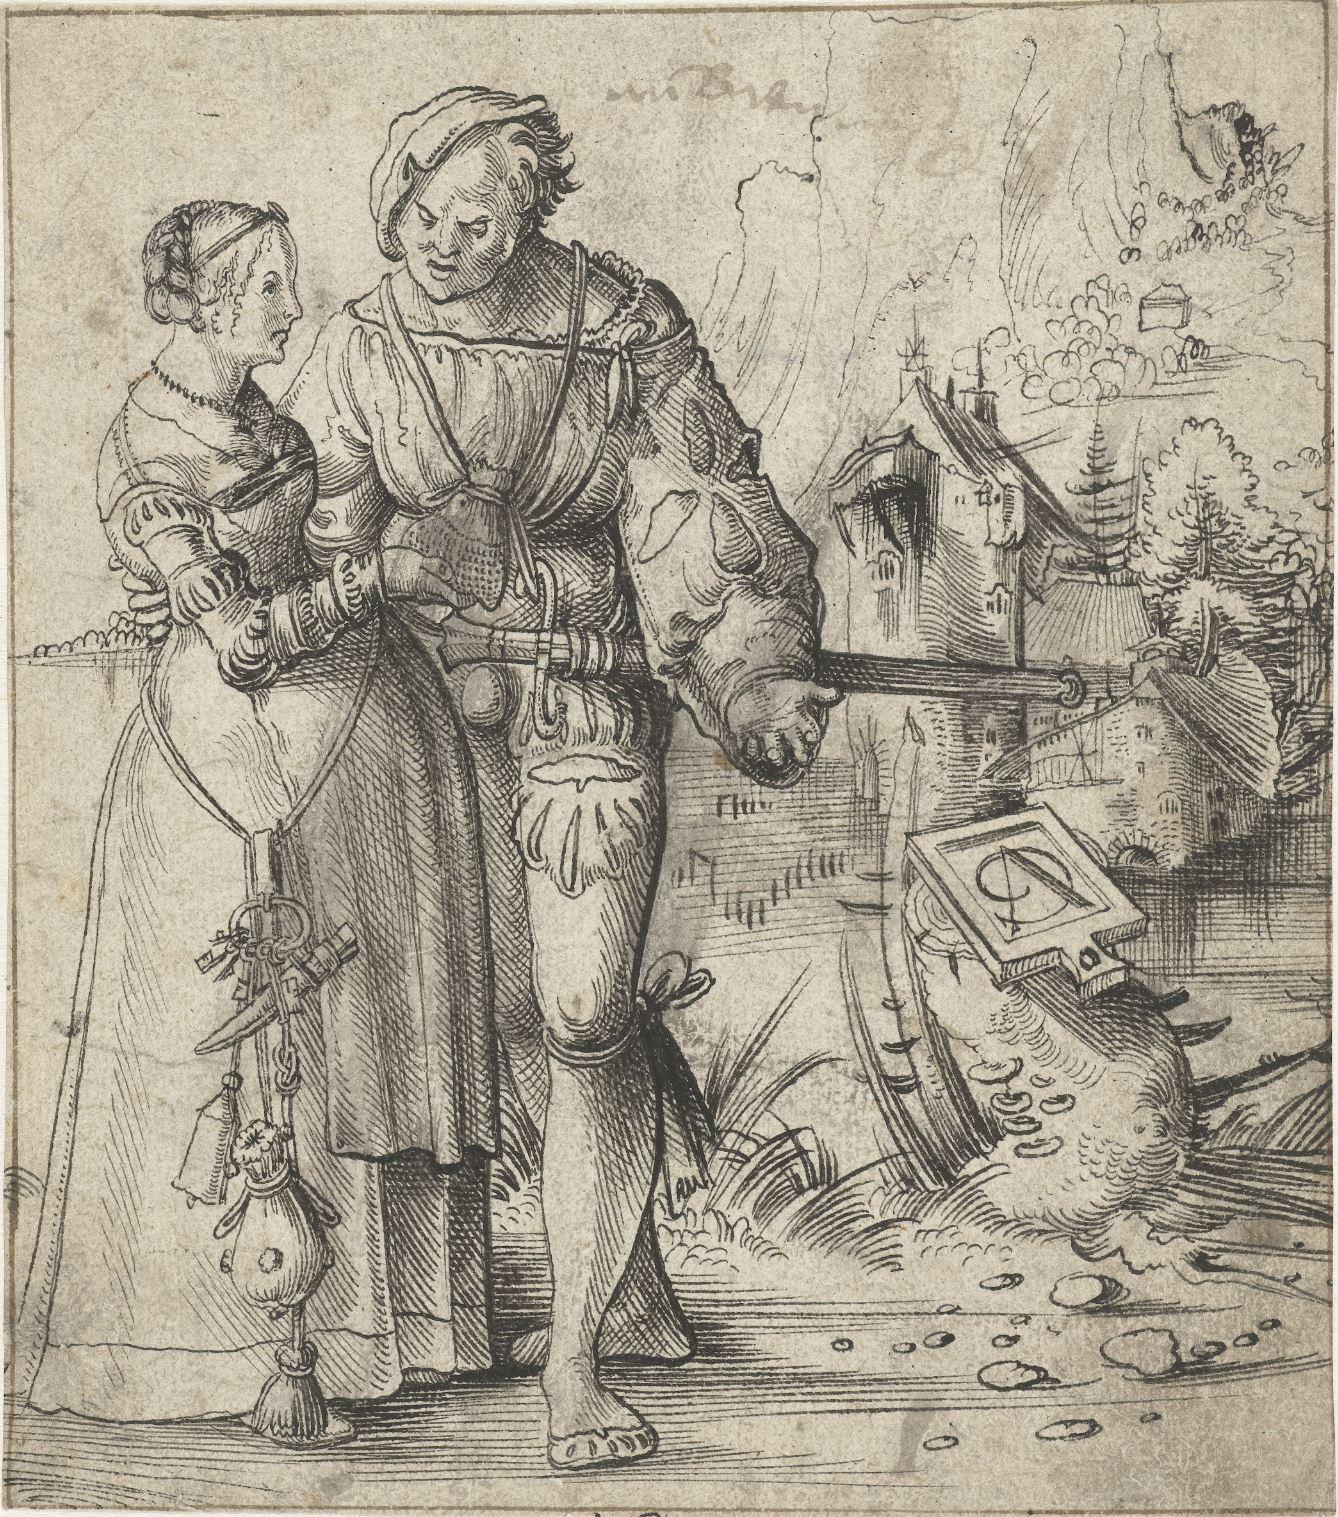 Krijgsman en jonge vrouw in landschap, Urs Graf, 1500 - 1528 Rijksmuseum